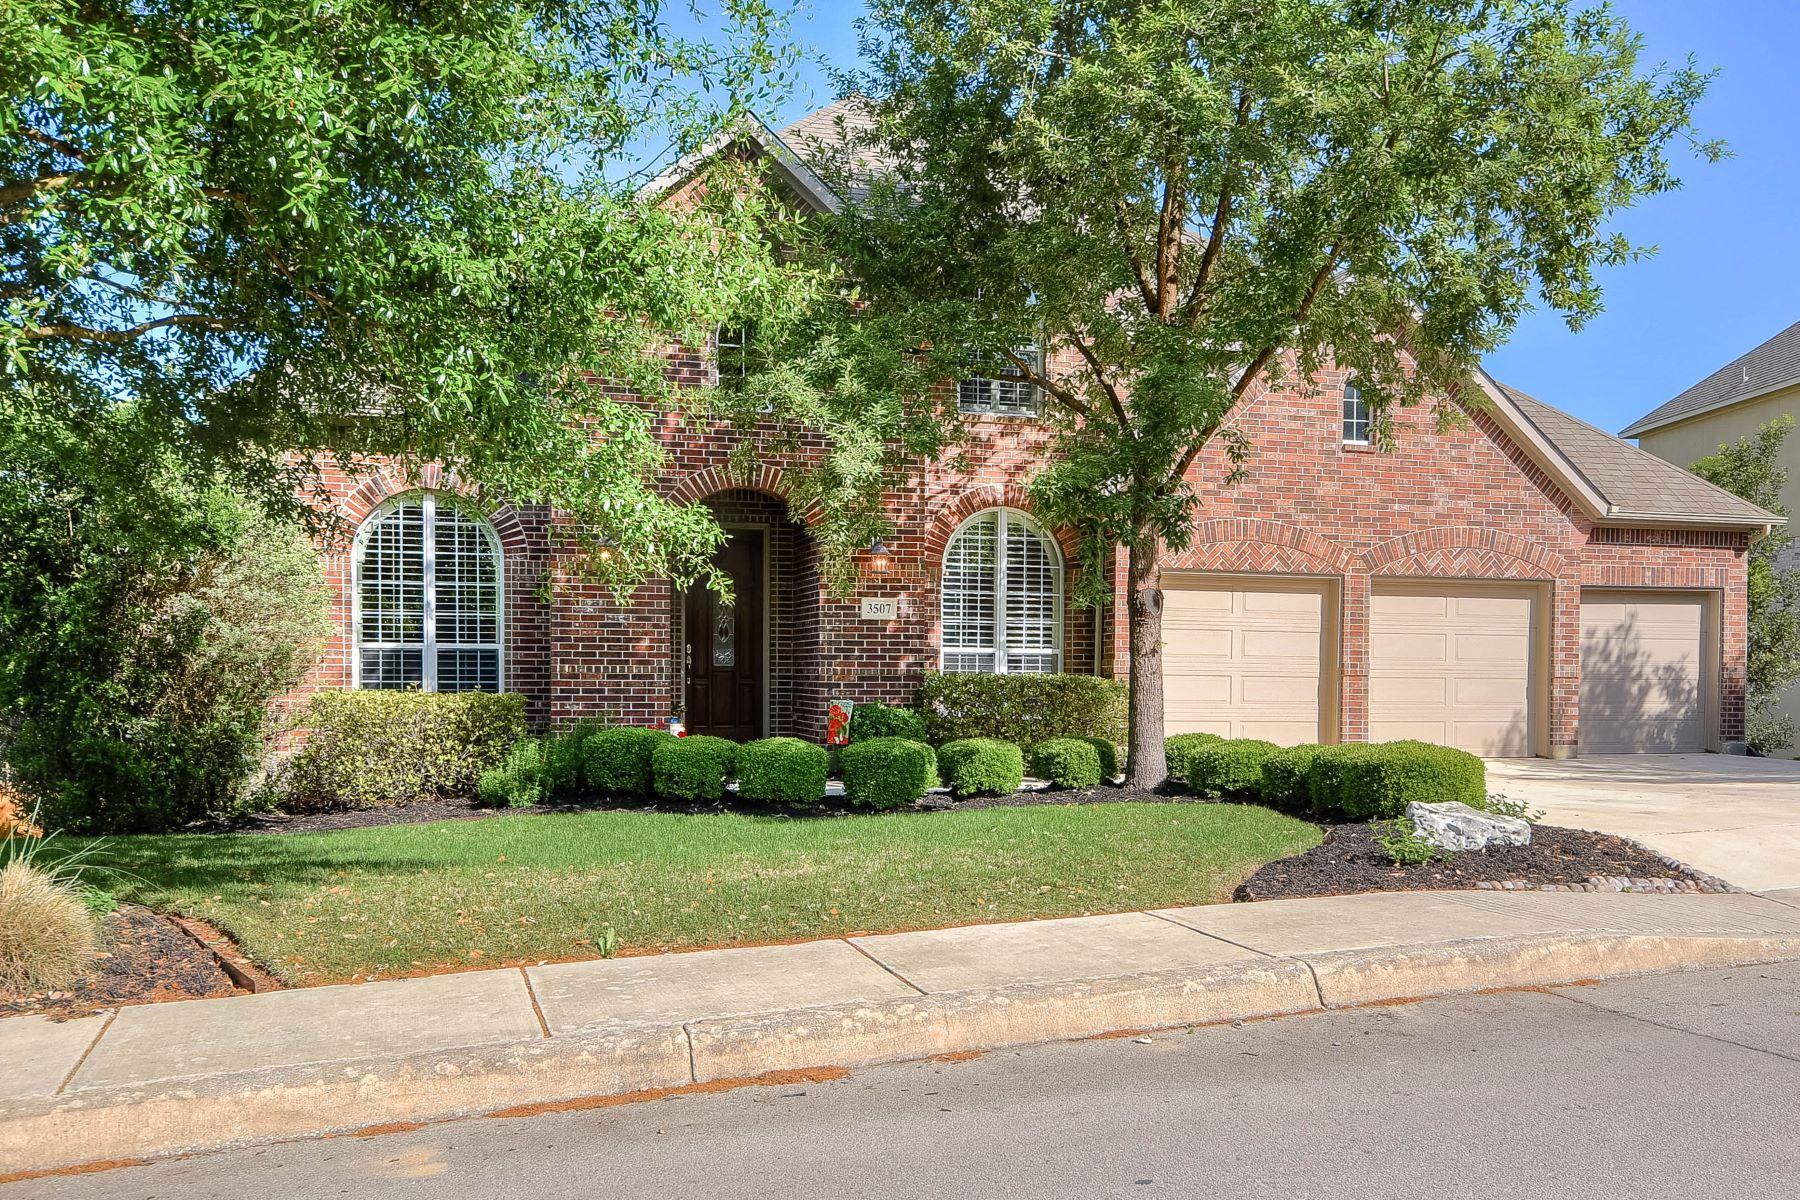 一戸建て のために 売買 アット Treasured Home in Cibolo Canyons 3507 Sunset Cliff, Cibolo Canyons, San Antonio, テキサス, 78261 アメリカ合衆国